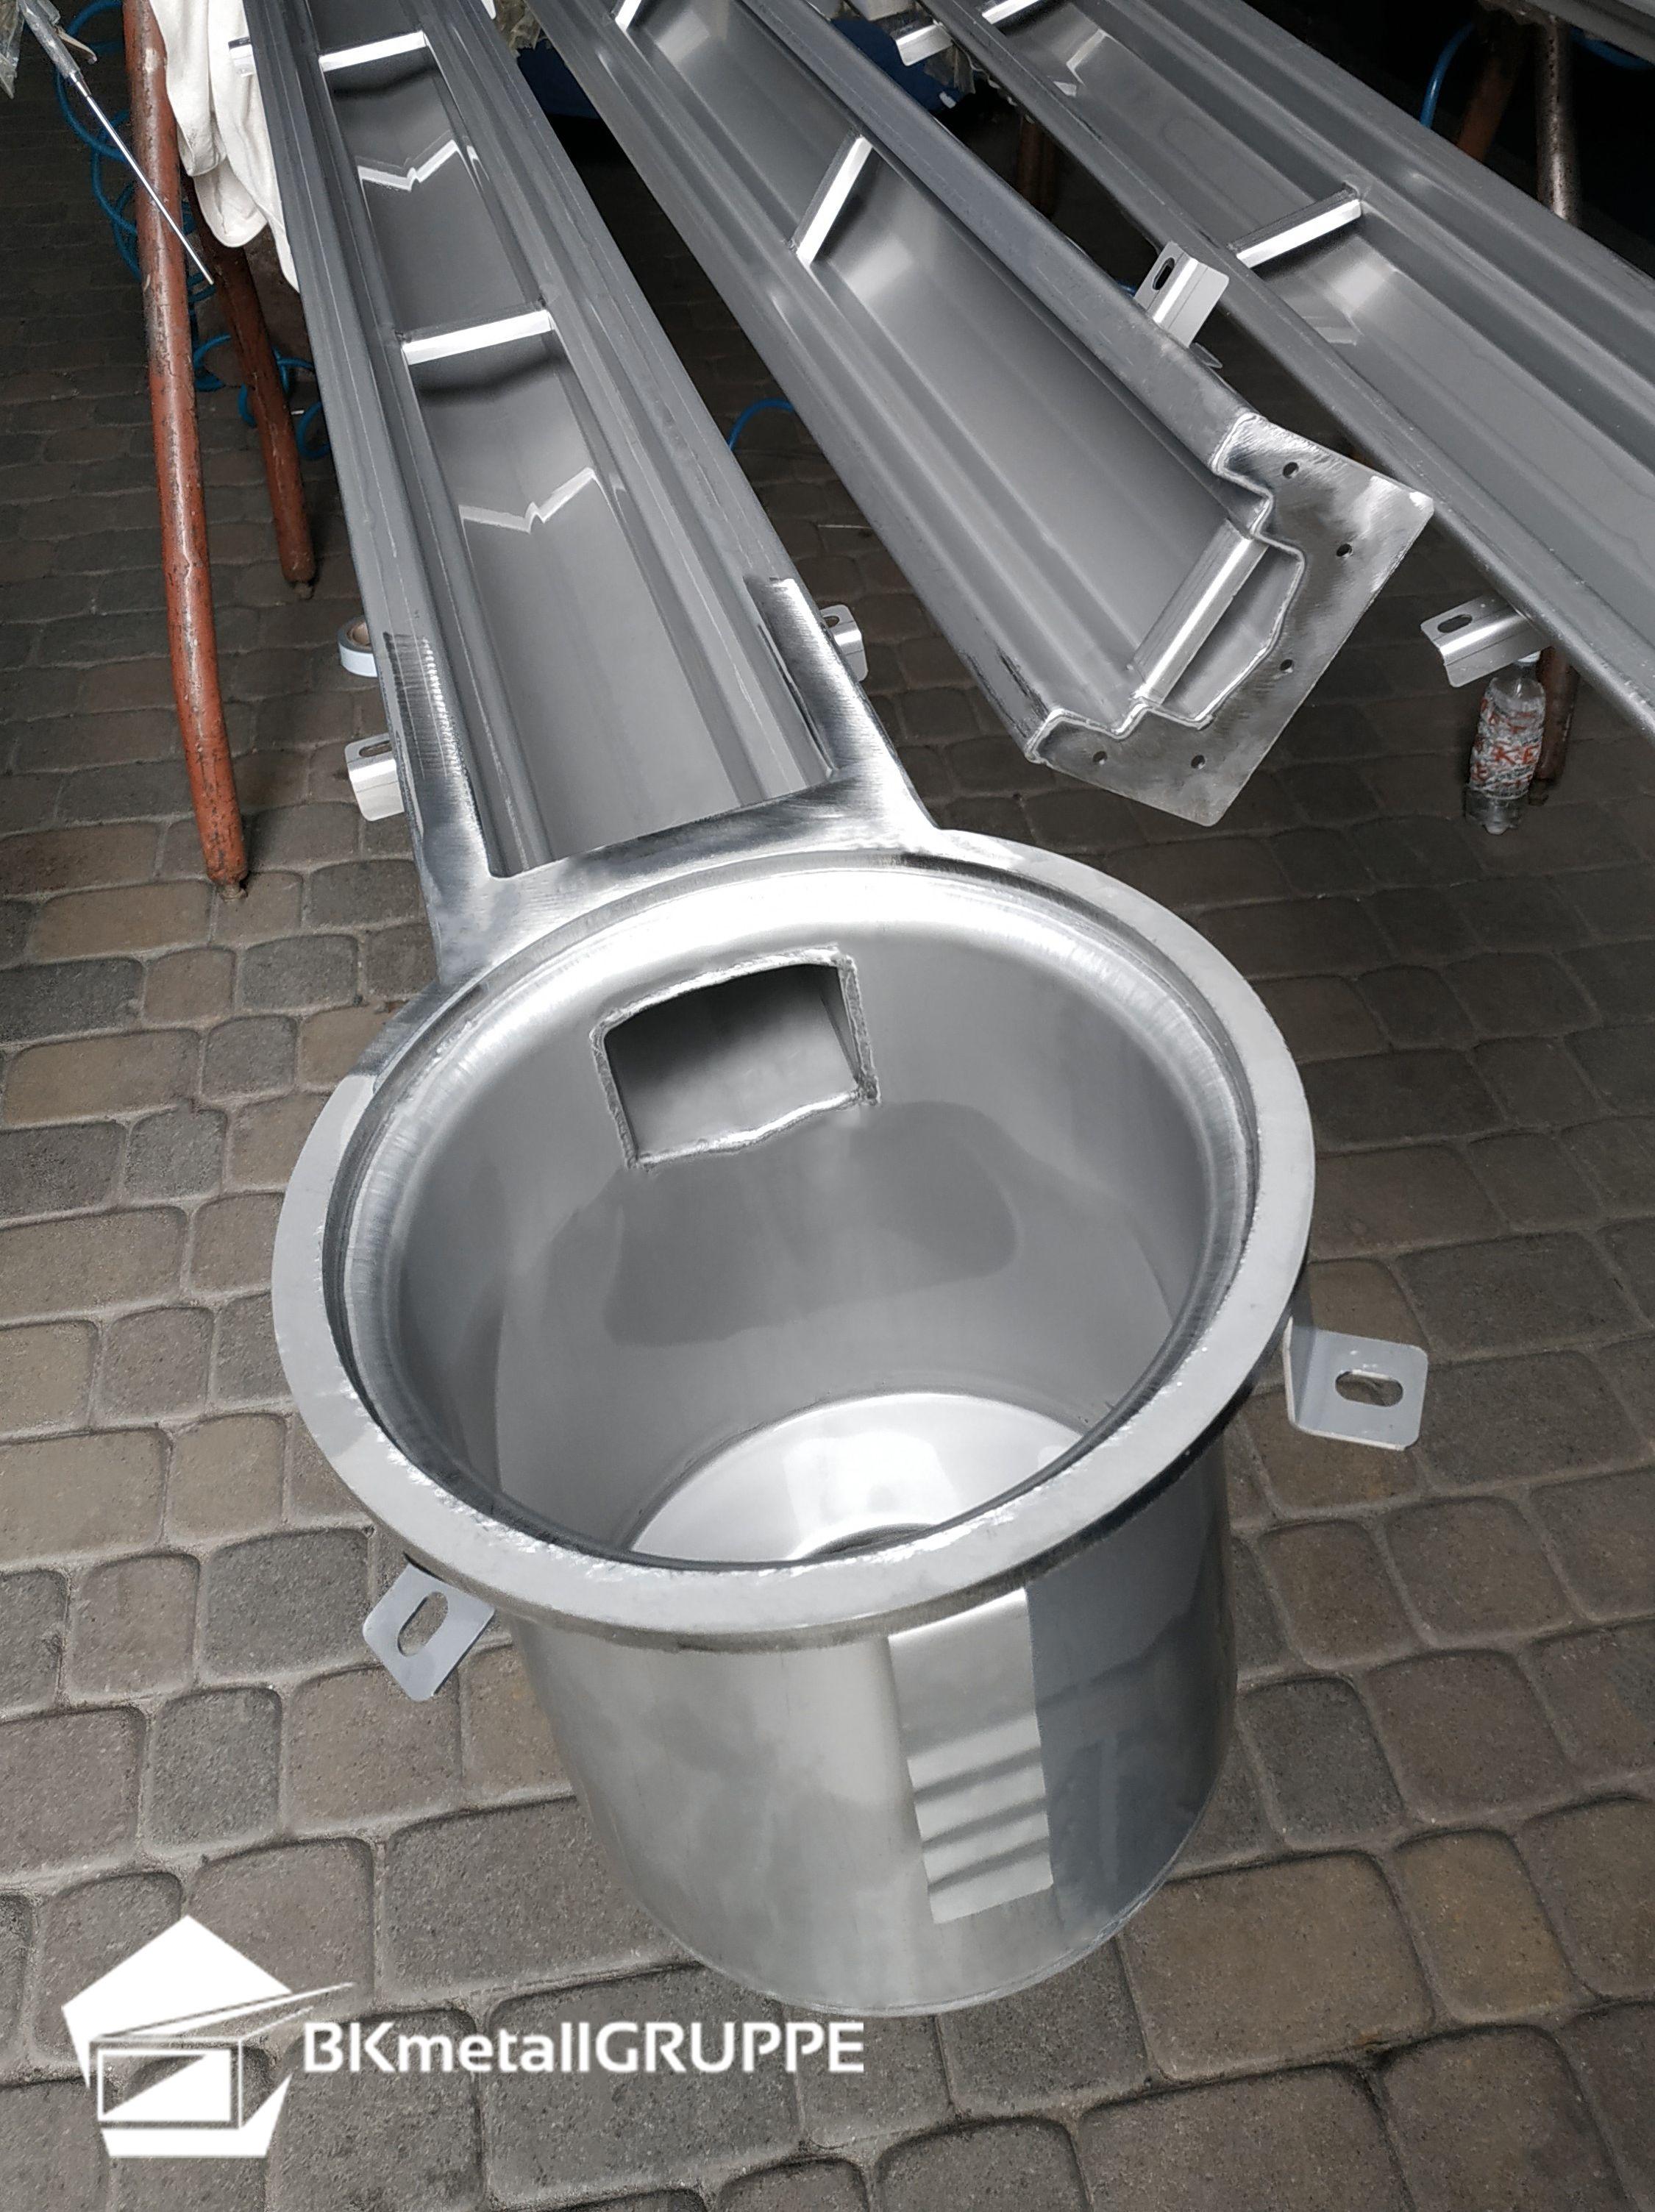 Brauerei Entwässerungsrinnen Mit Rund Senkrecht Bodenablauf Entwässerung Abwasser System Entwässerungslösungen